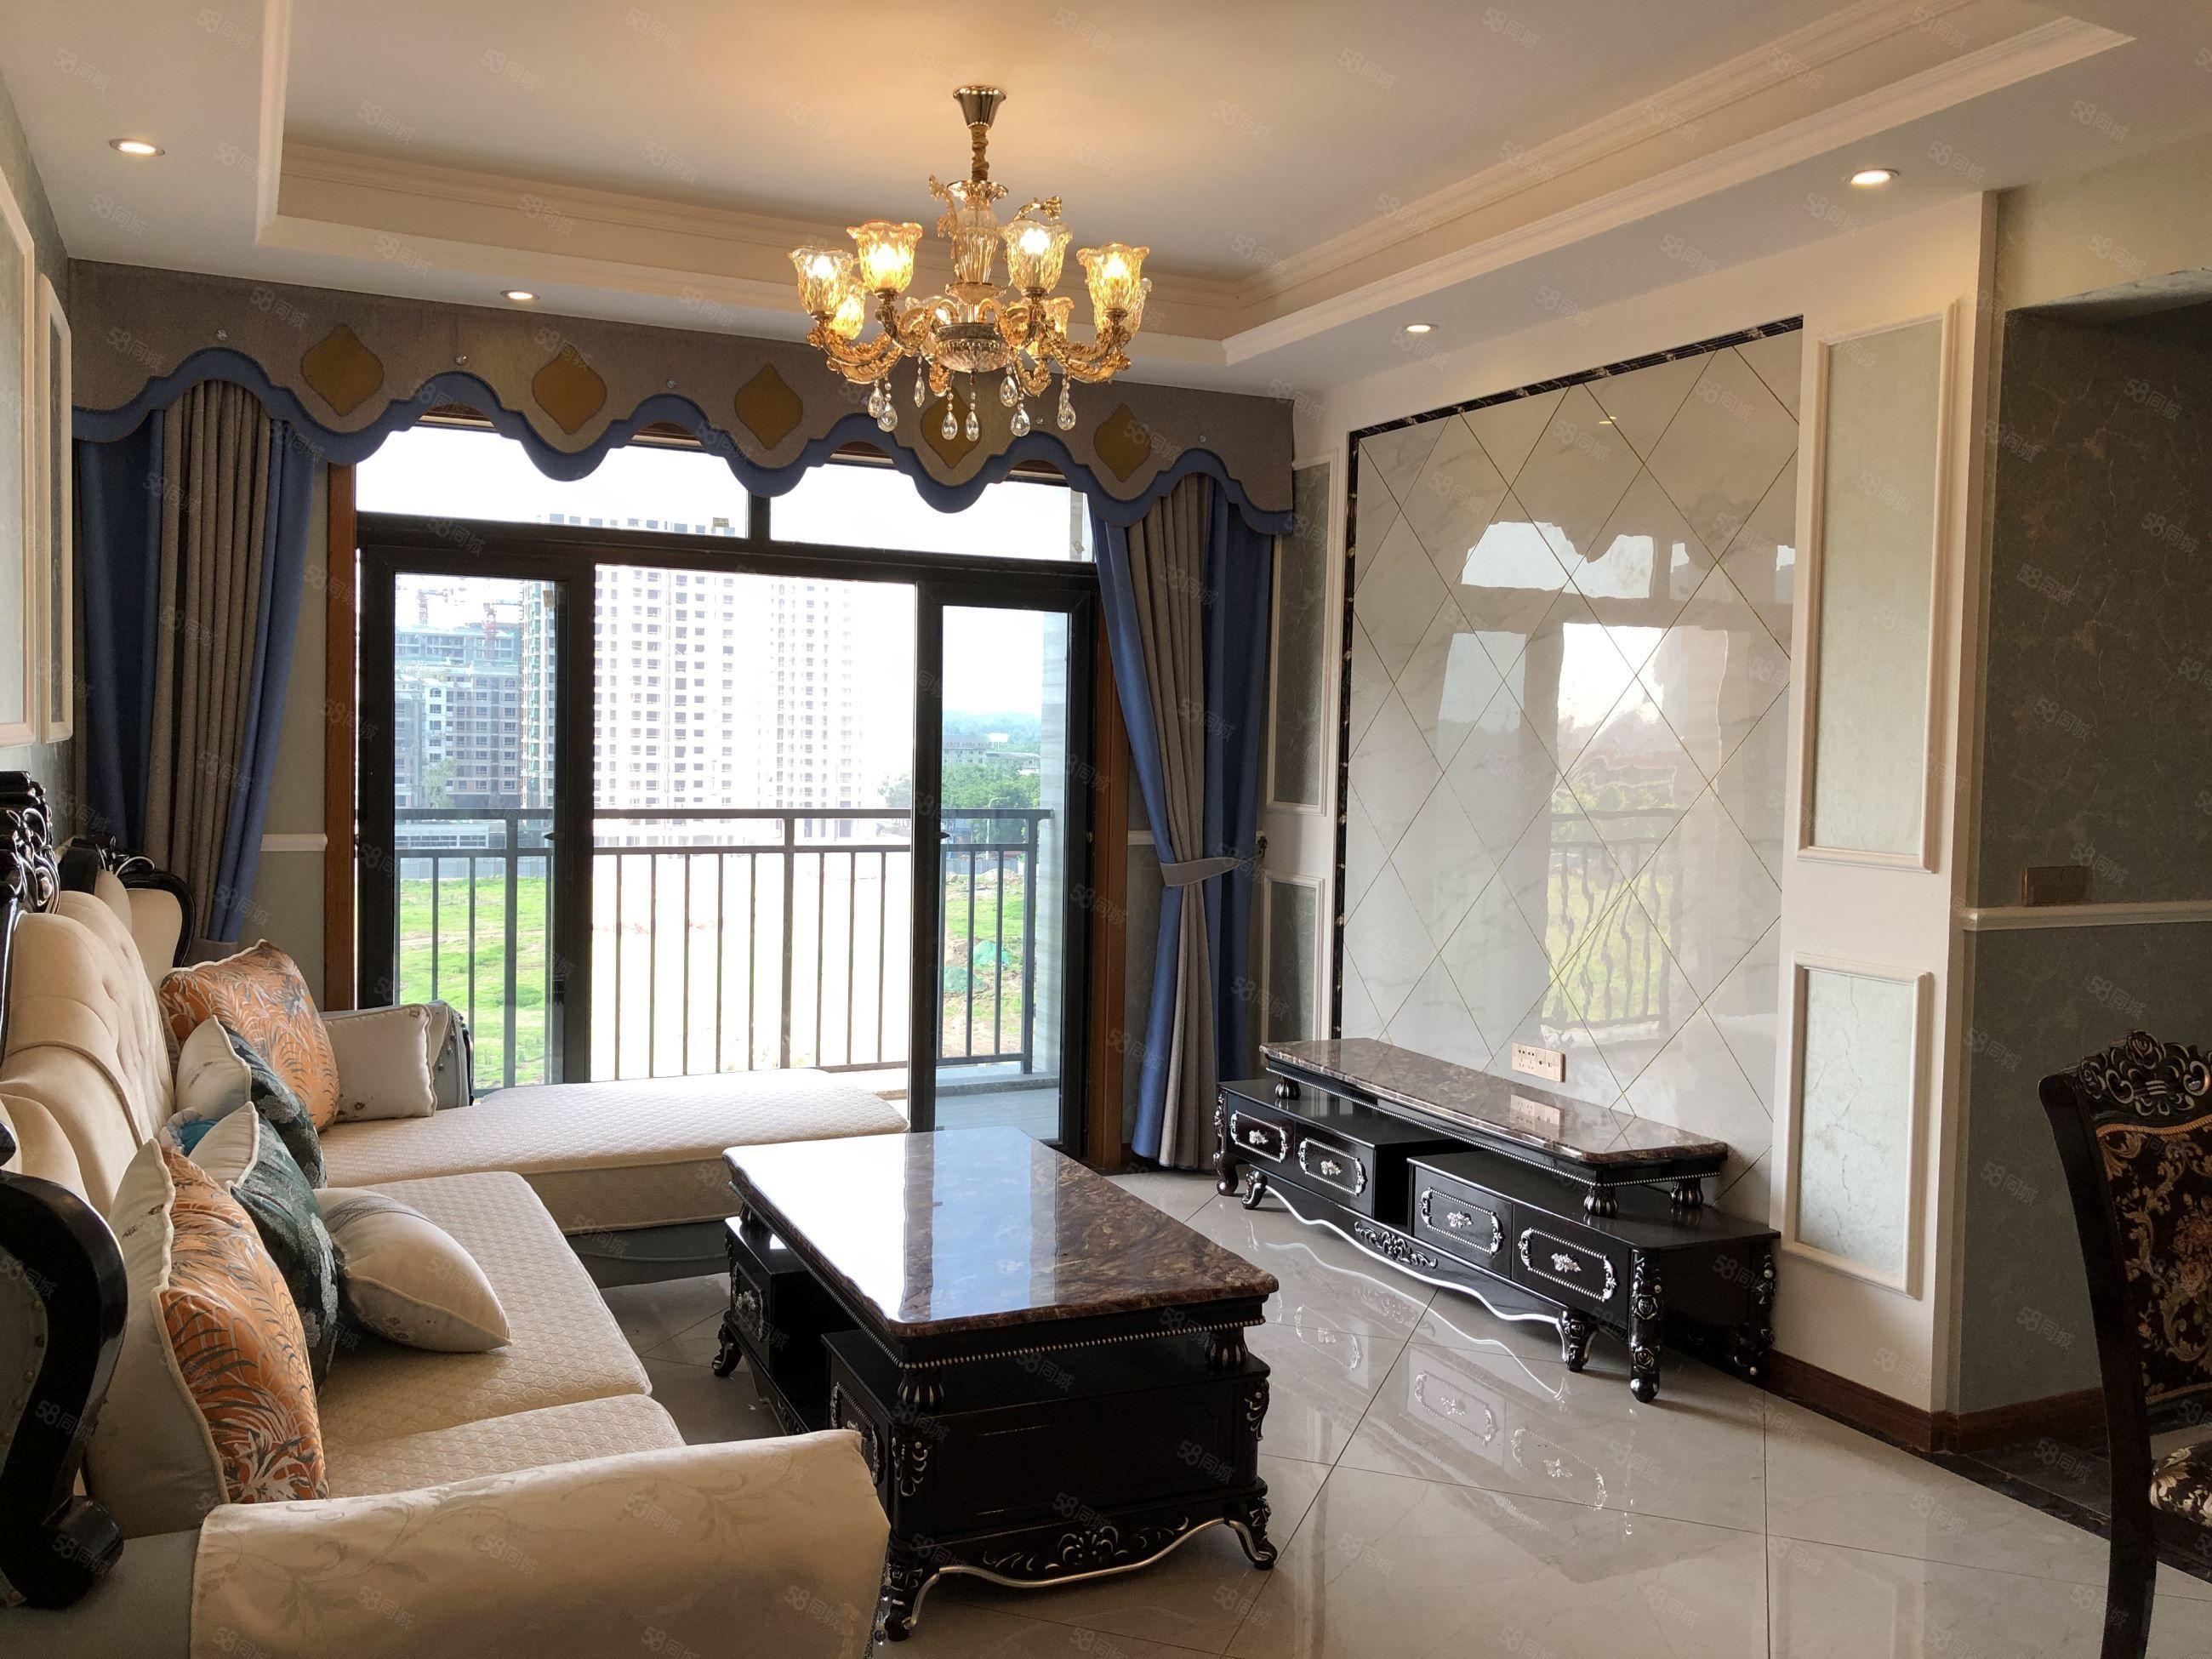 樓層好,視野廣,房出售,金川花園正三房。